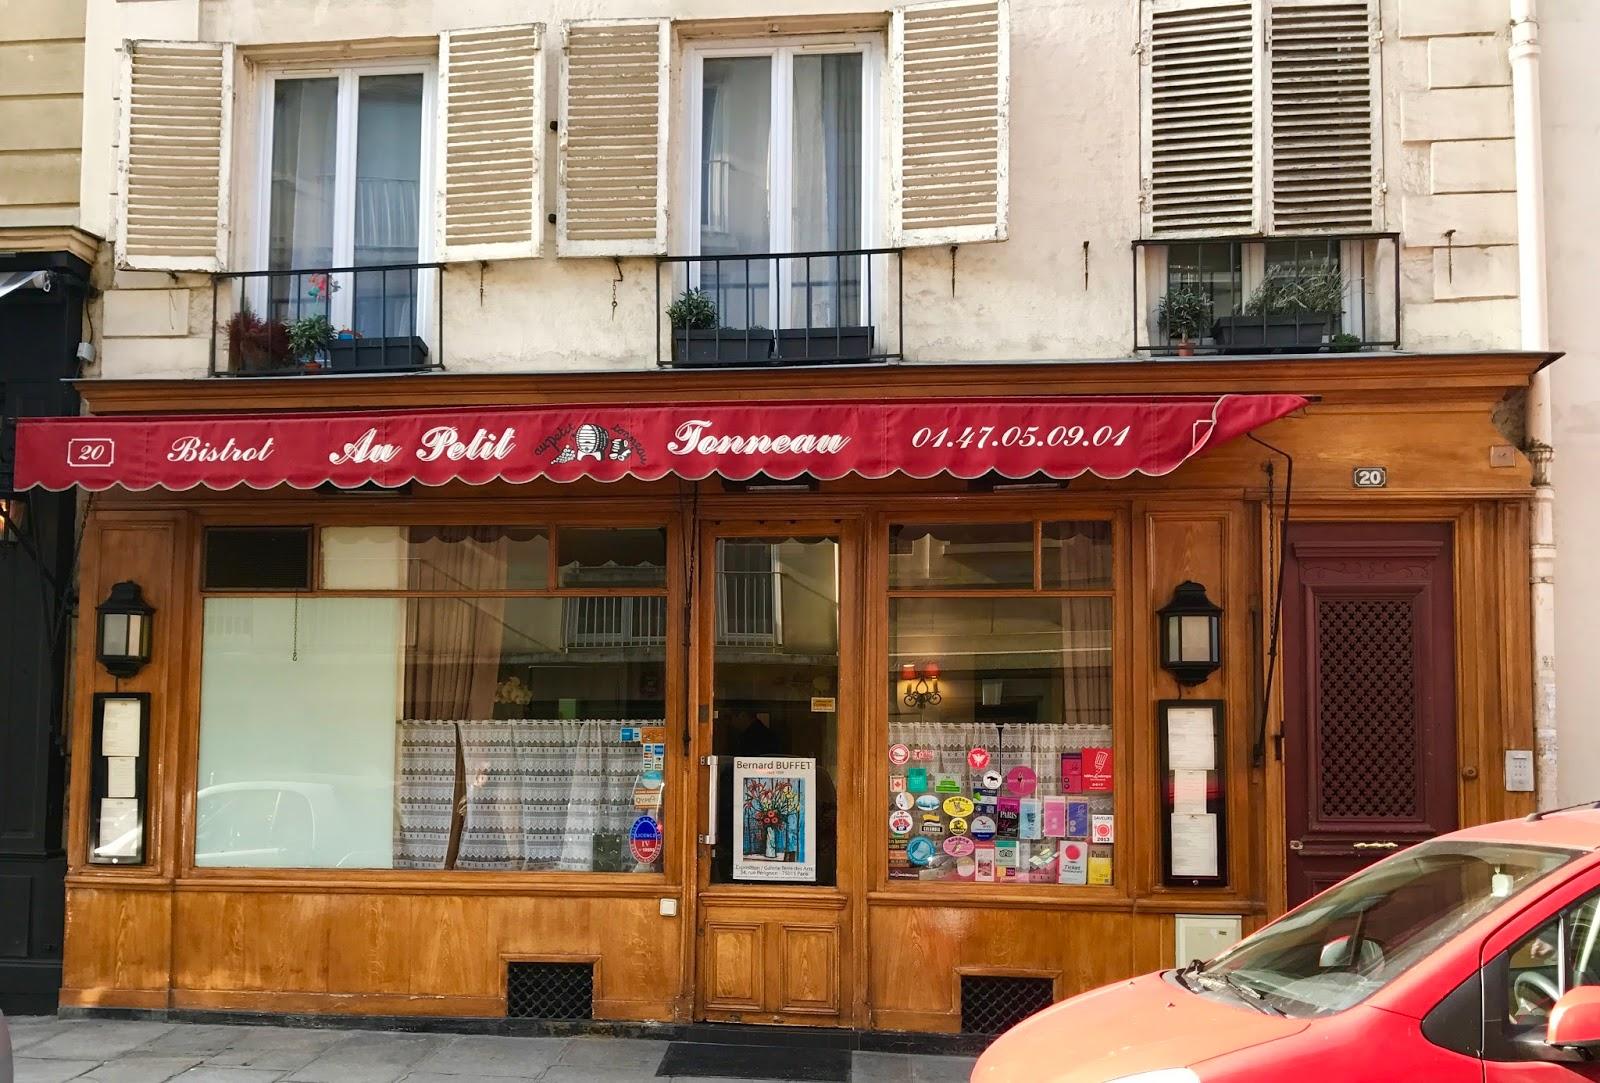 Deco Tonneau De Vin paris missives: au petit tonneau -- restaurant review